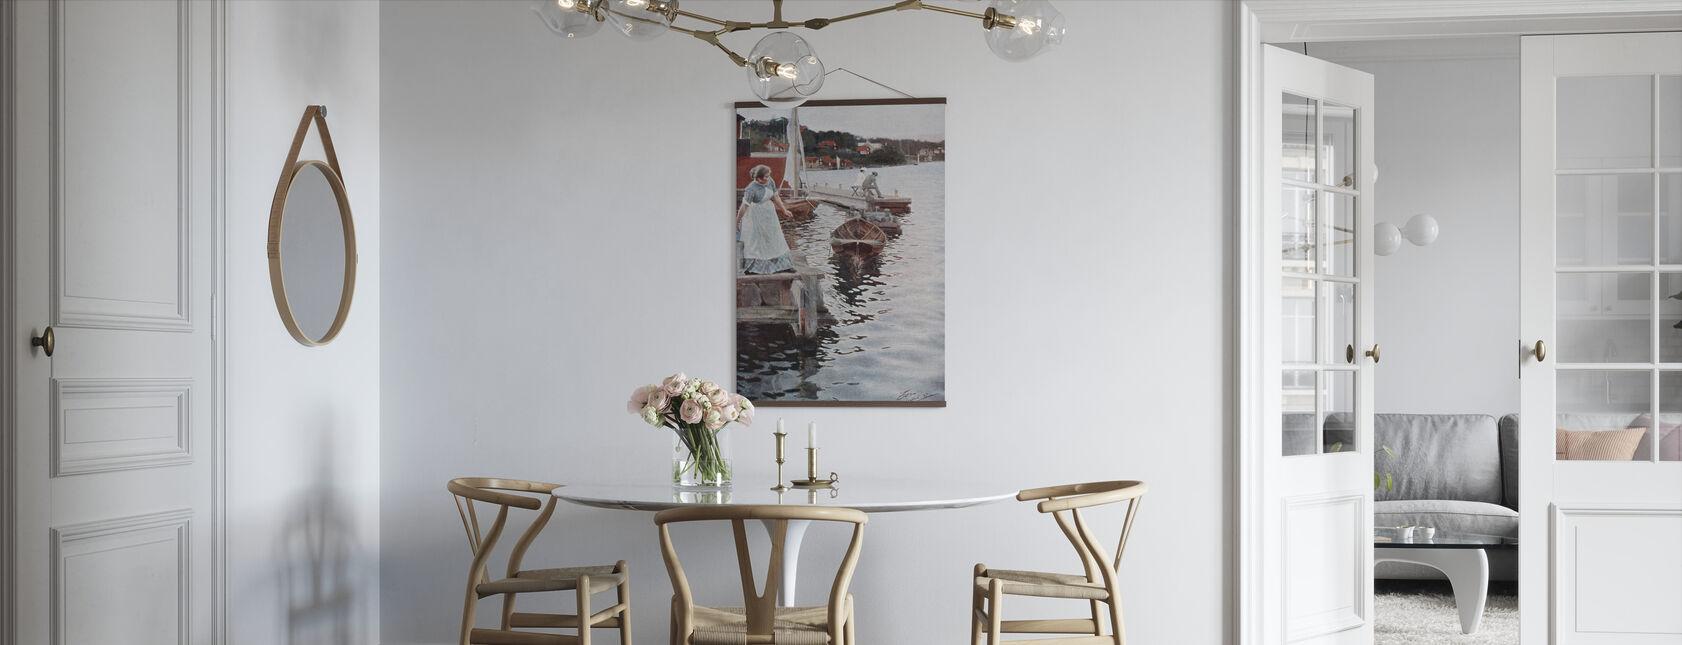 Vågskvalp, Anders Zorn - Poster - Kök